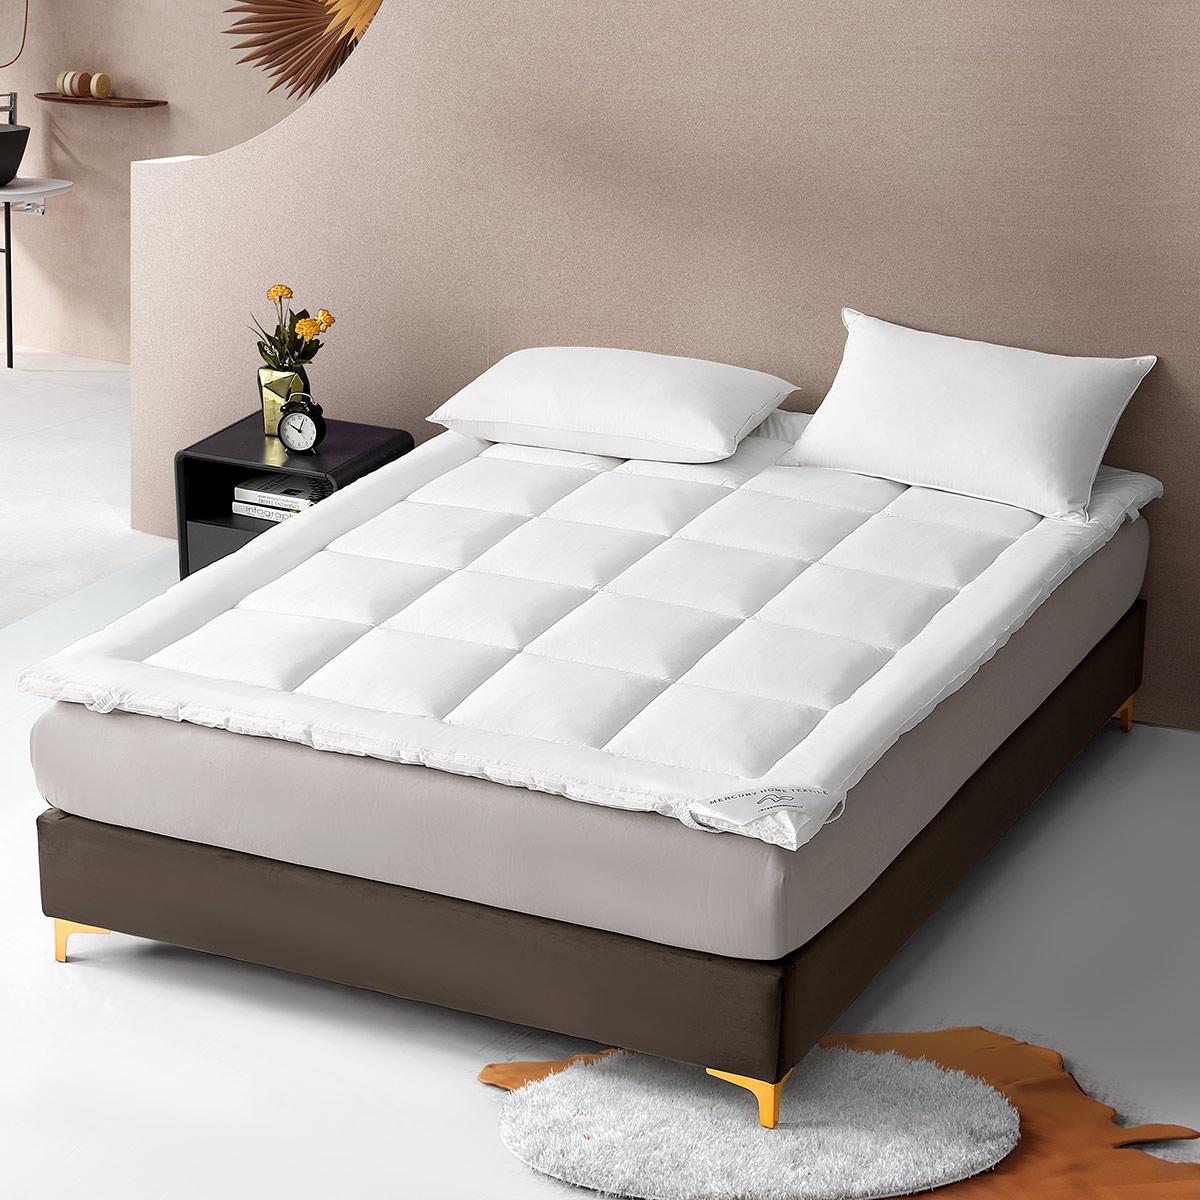 토퍼 템퍼 매트리스 침구 기타 입체 양모 싱글 2인용 다다미 침대 학생 기숙사, AA_1.2M (4 피트) 침대